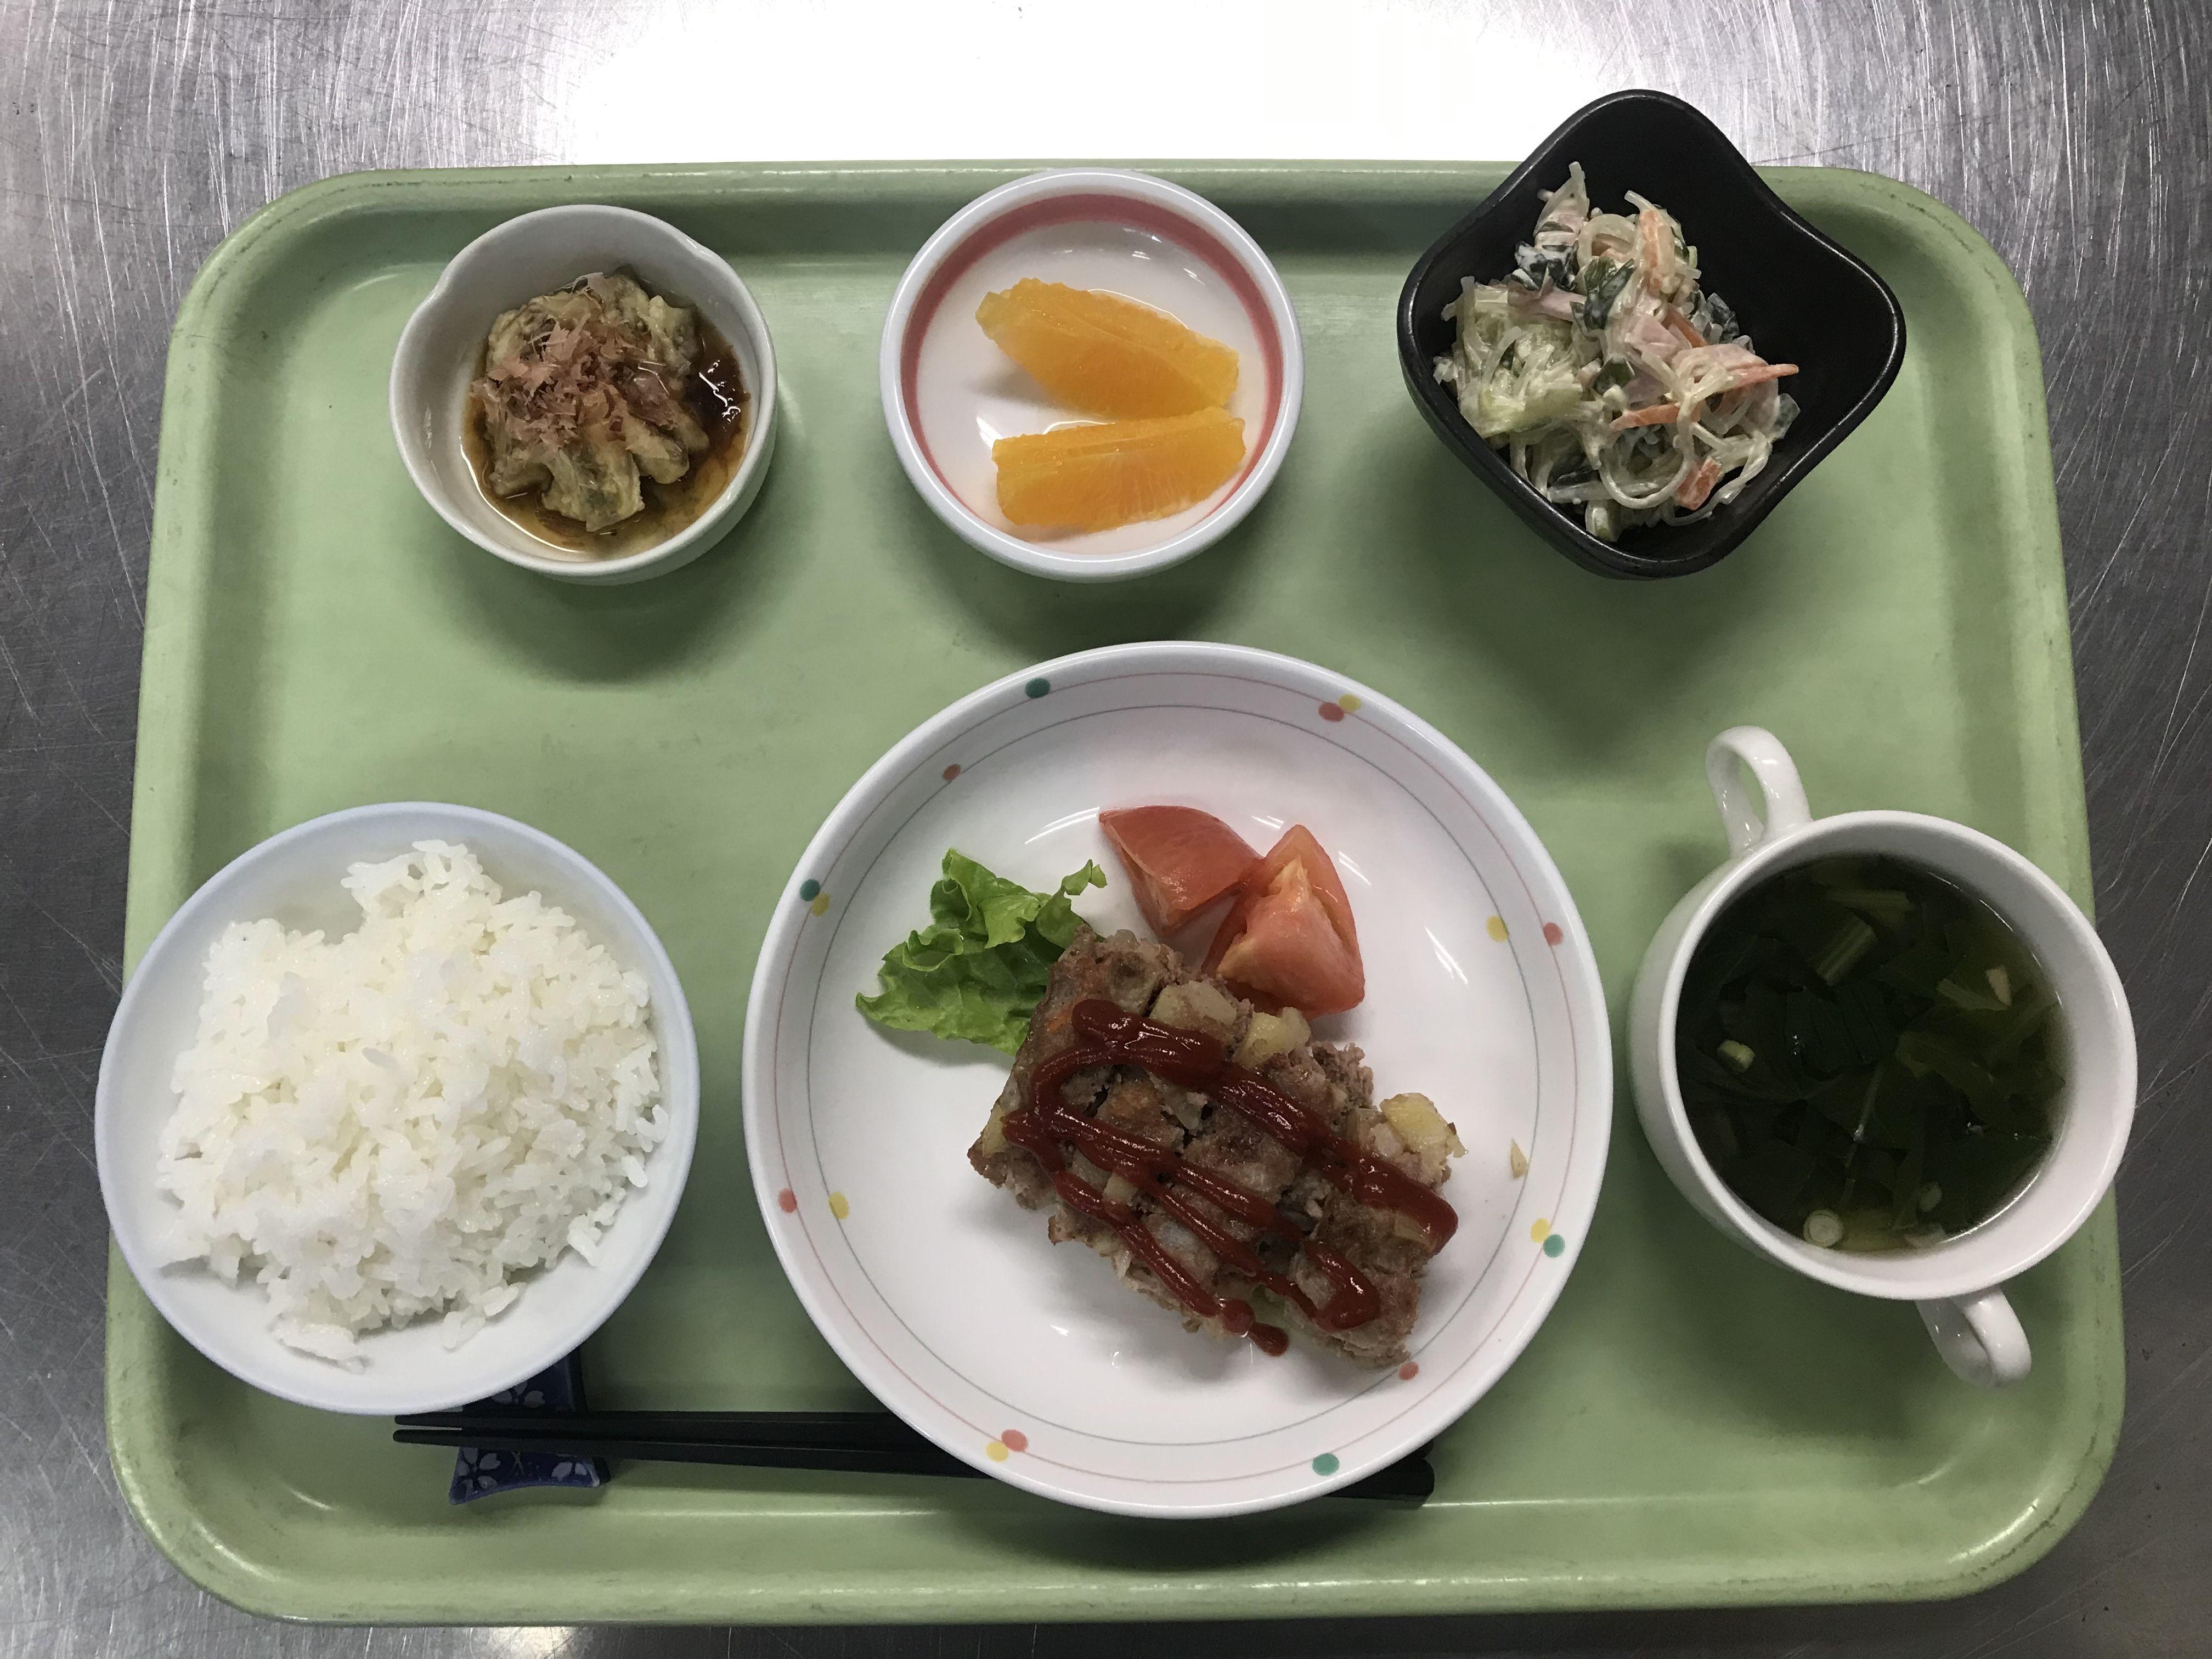 ポテトミートローフ、焼きなす、きゅうりと春雨のサラダ、小松菜のスープ、オレンジでした!604カロリーです